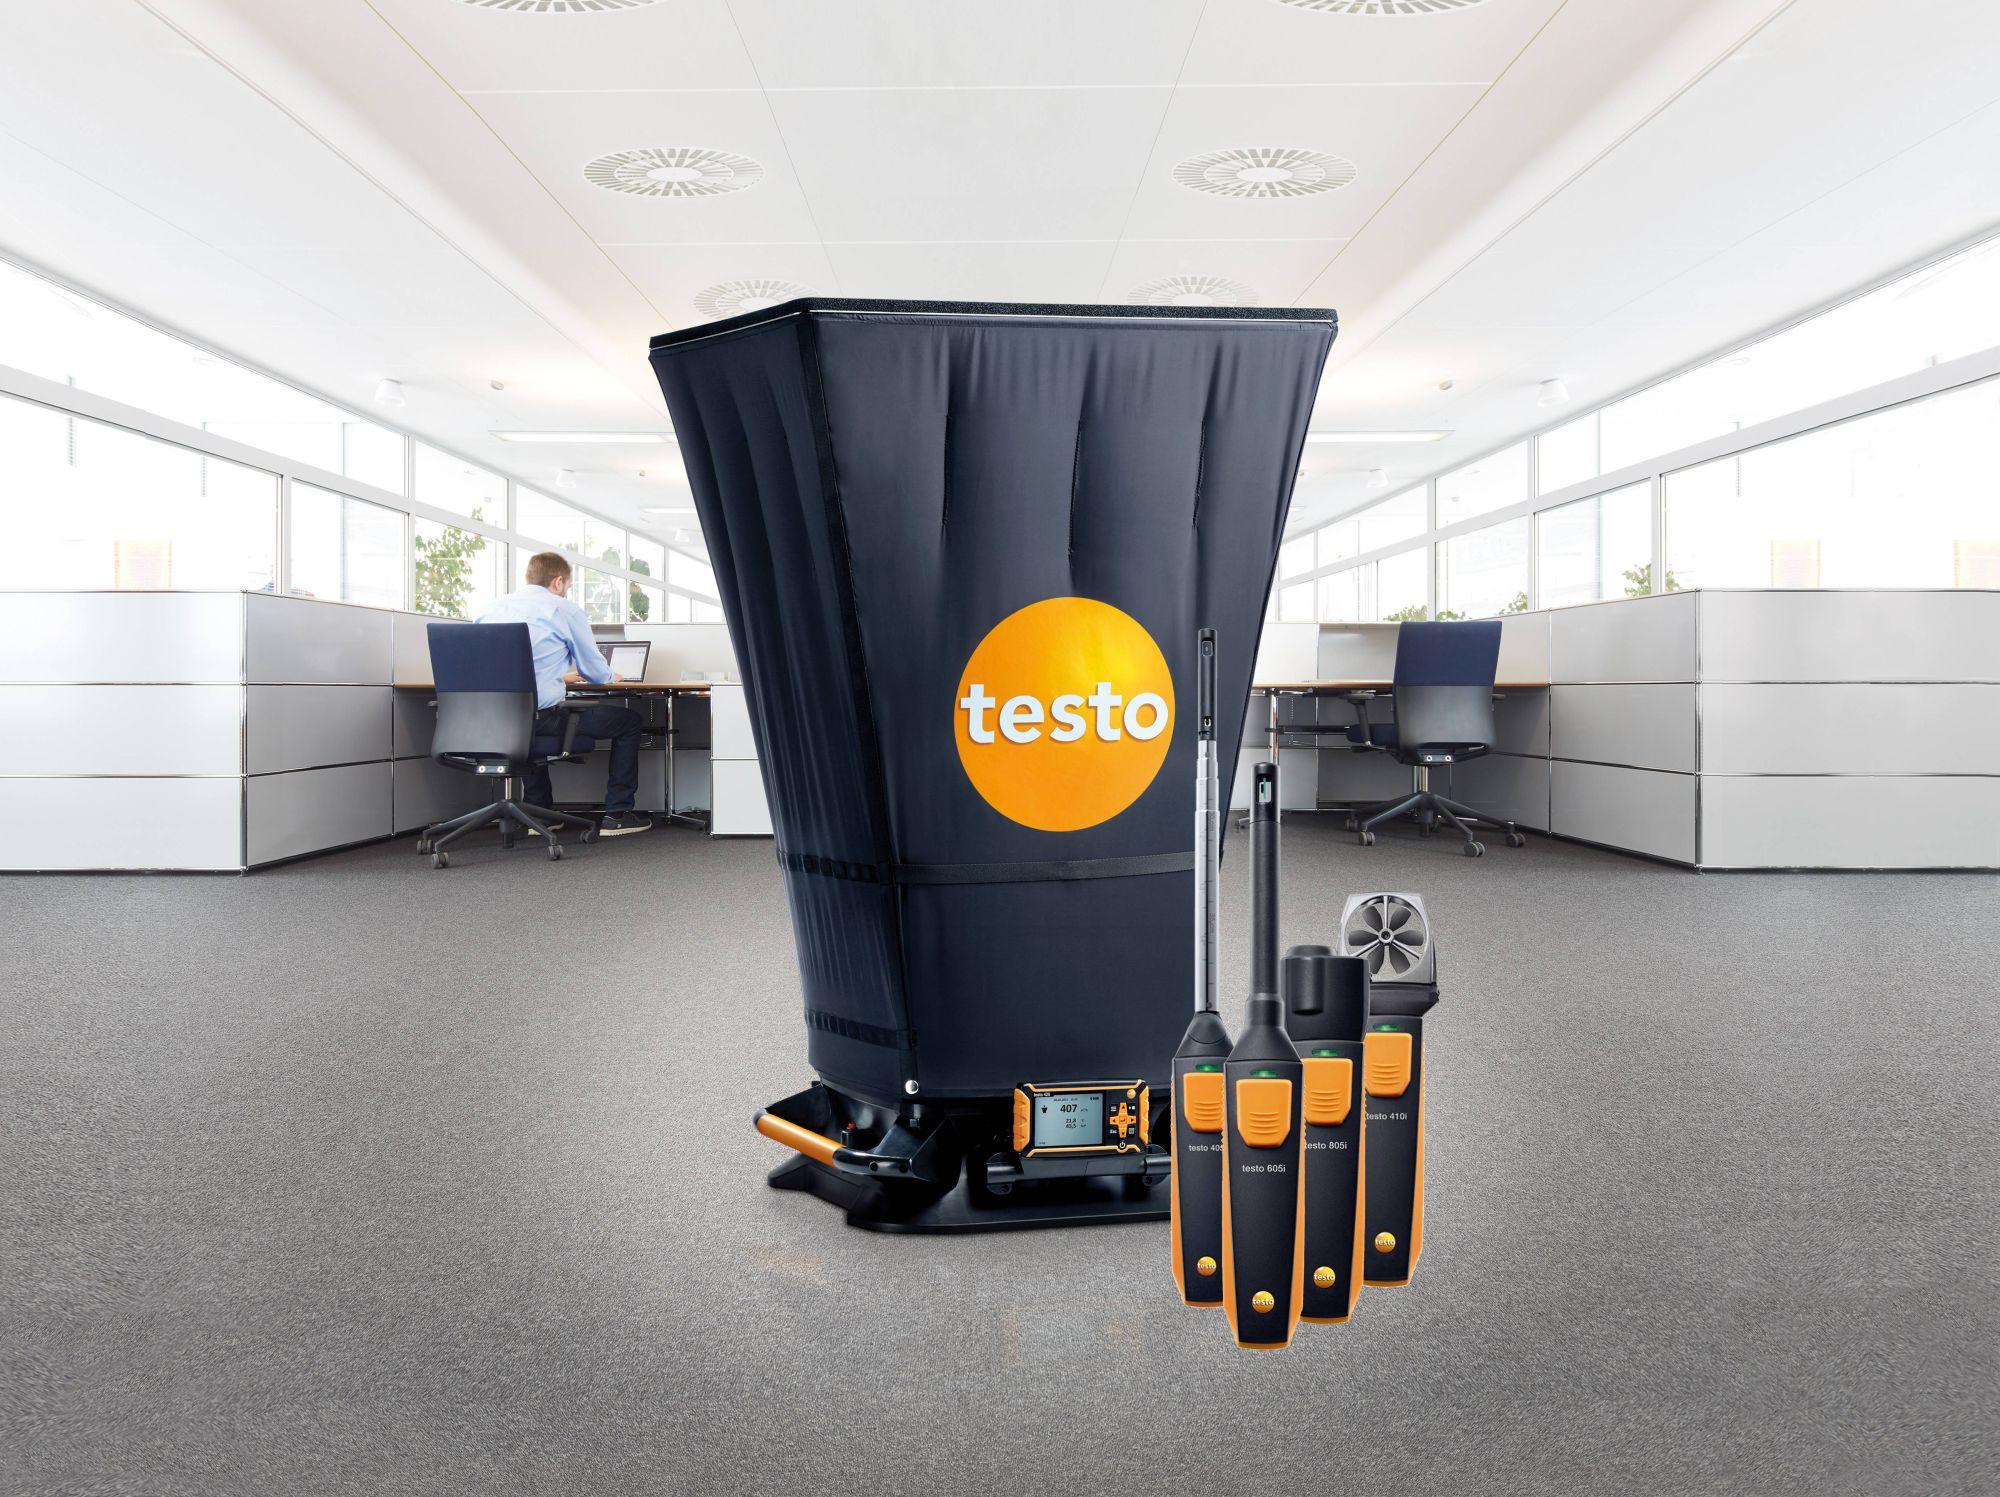 Testo Produkte für Klimamesstechnik